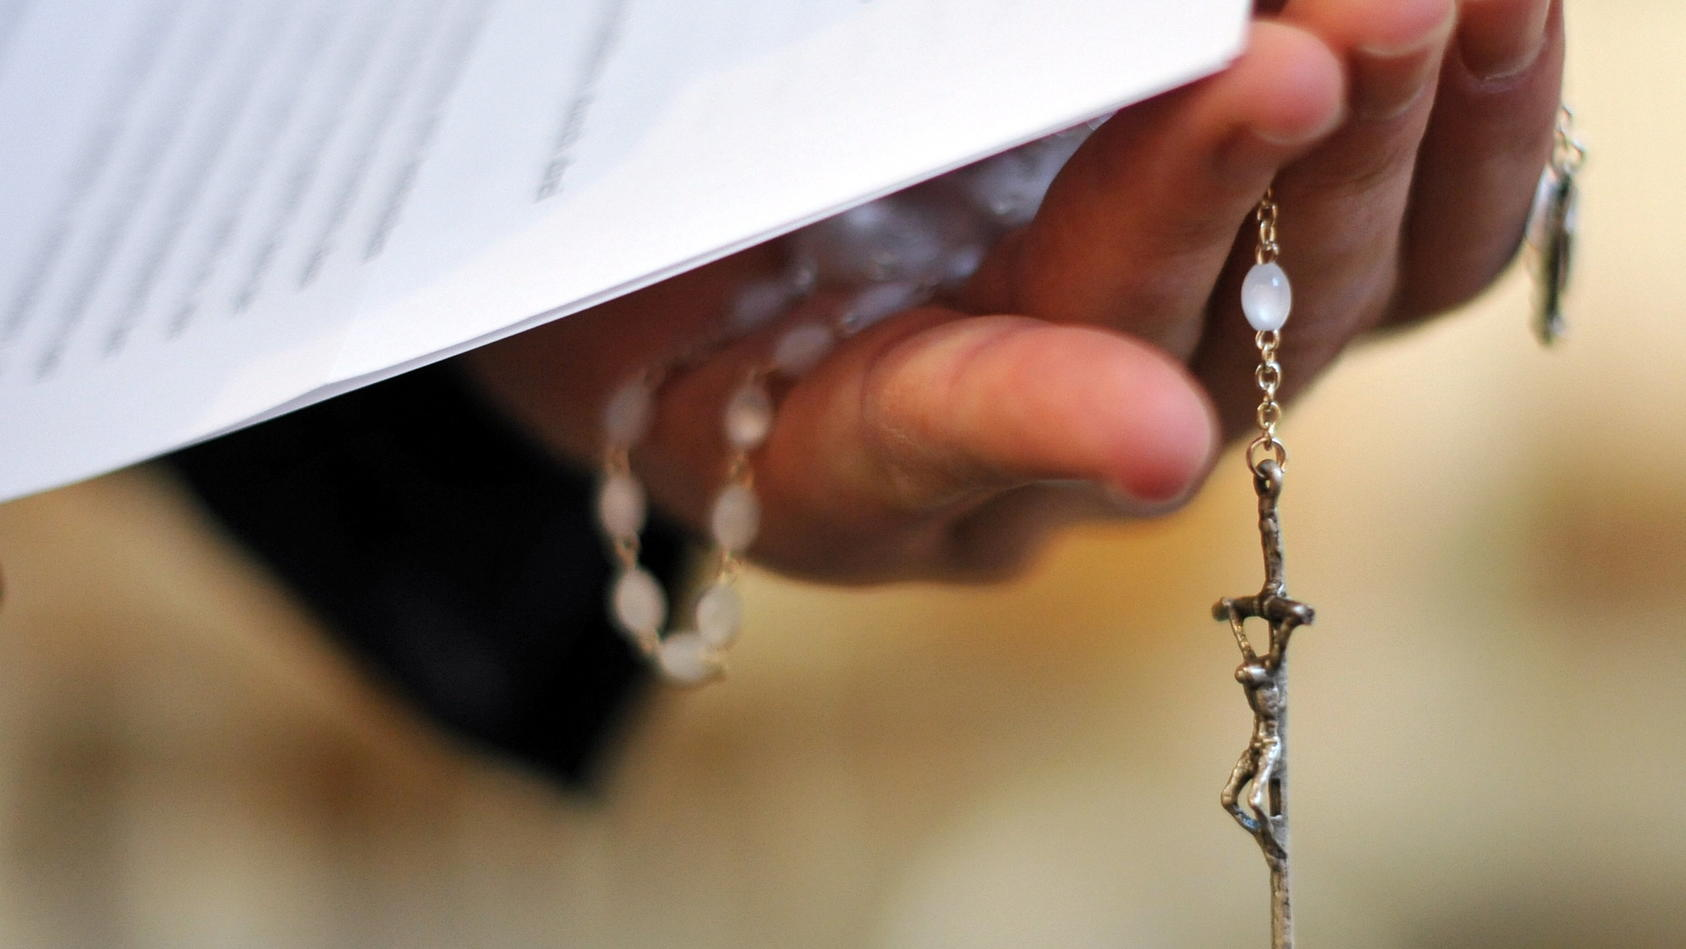 Immer mehr Christen treten aus der Kirche aus. Alleine im Jahr haben über eine halbe Millionen der Kirche abgedankt. (Symbolbild)